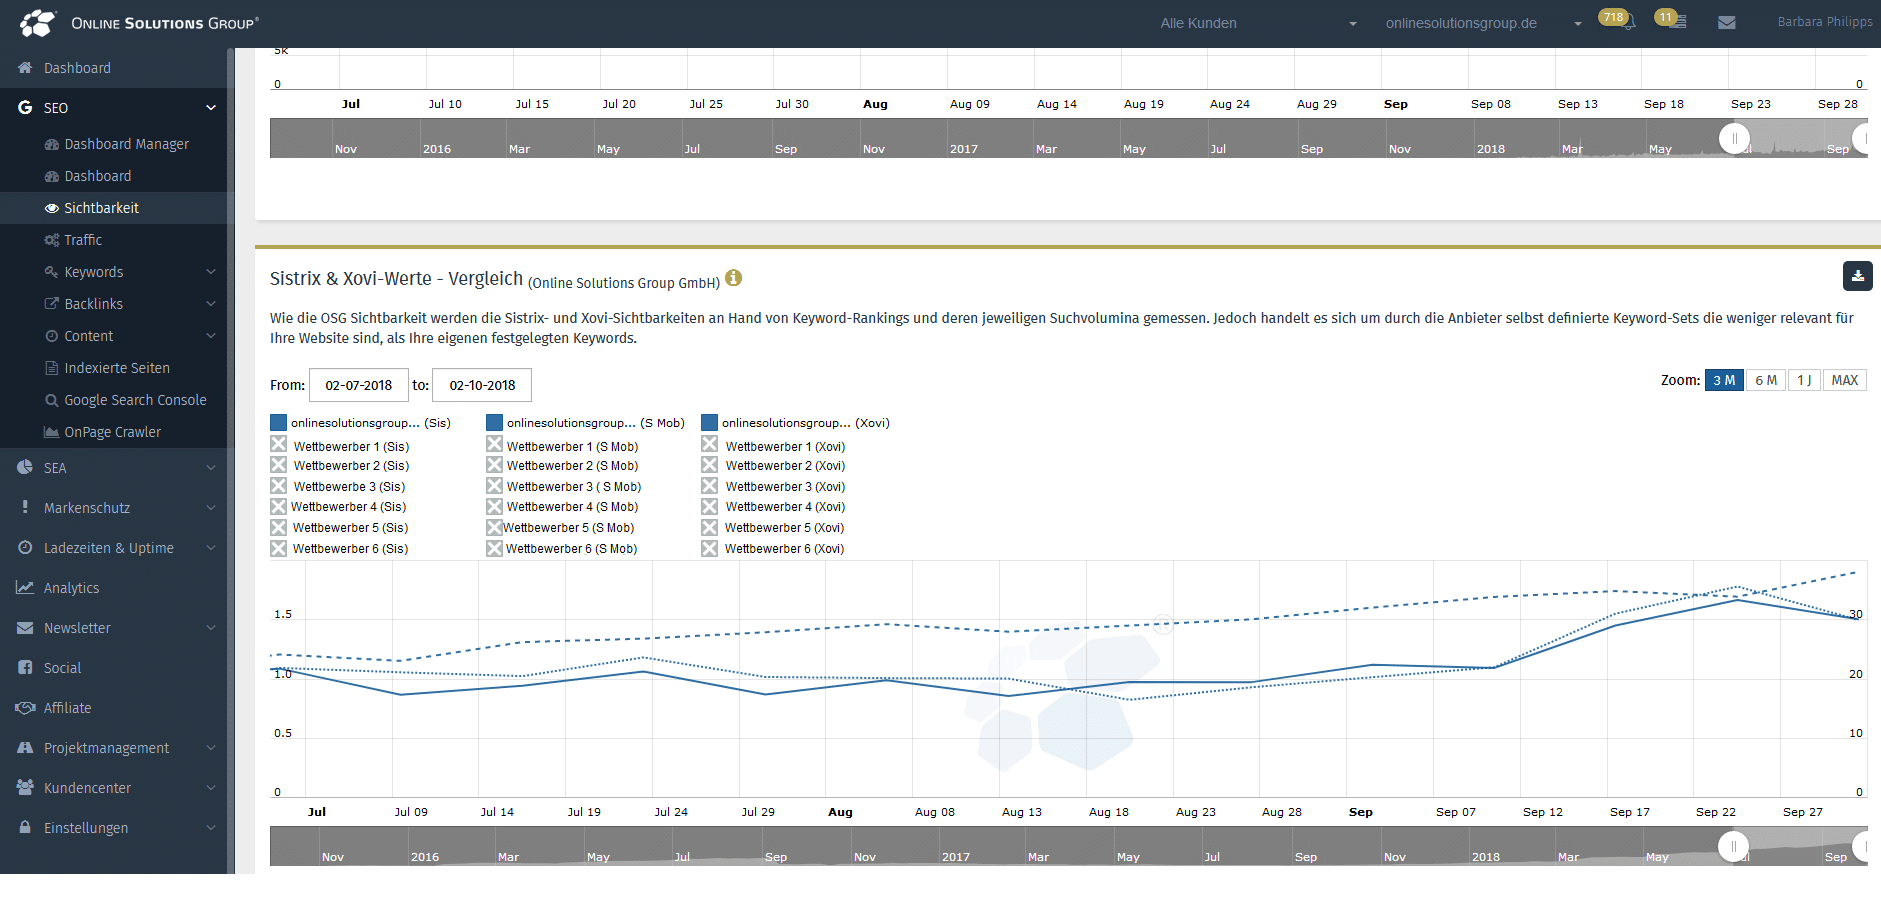 Xovi und Sistrix Sichtbarkeit Dashboard OSG Performance Suite